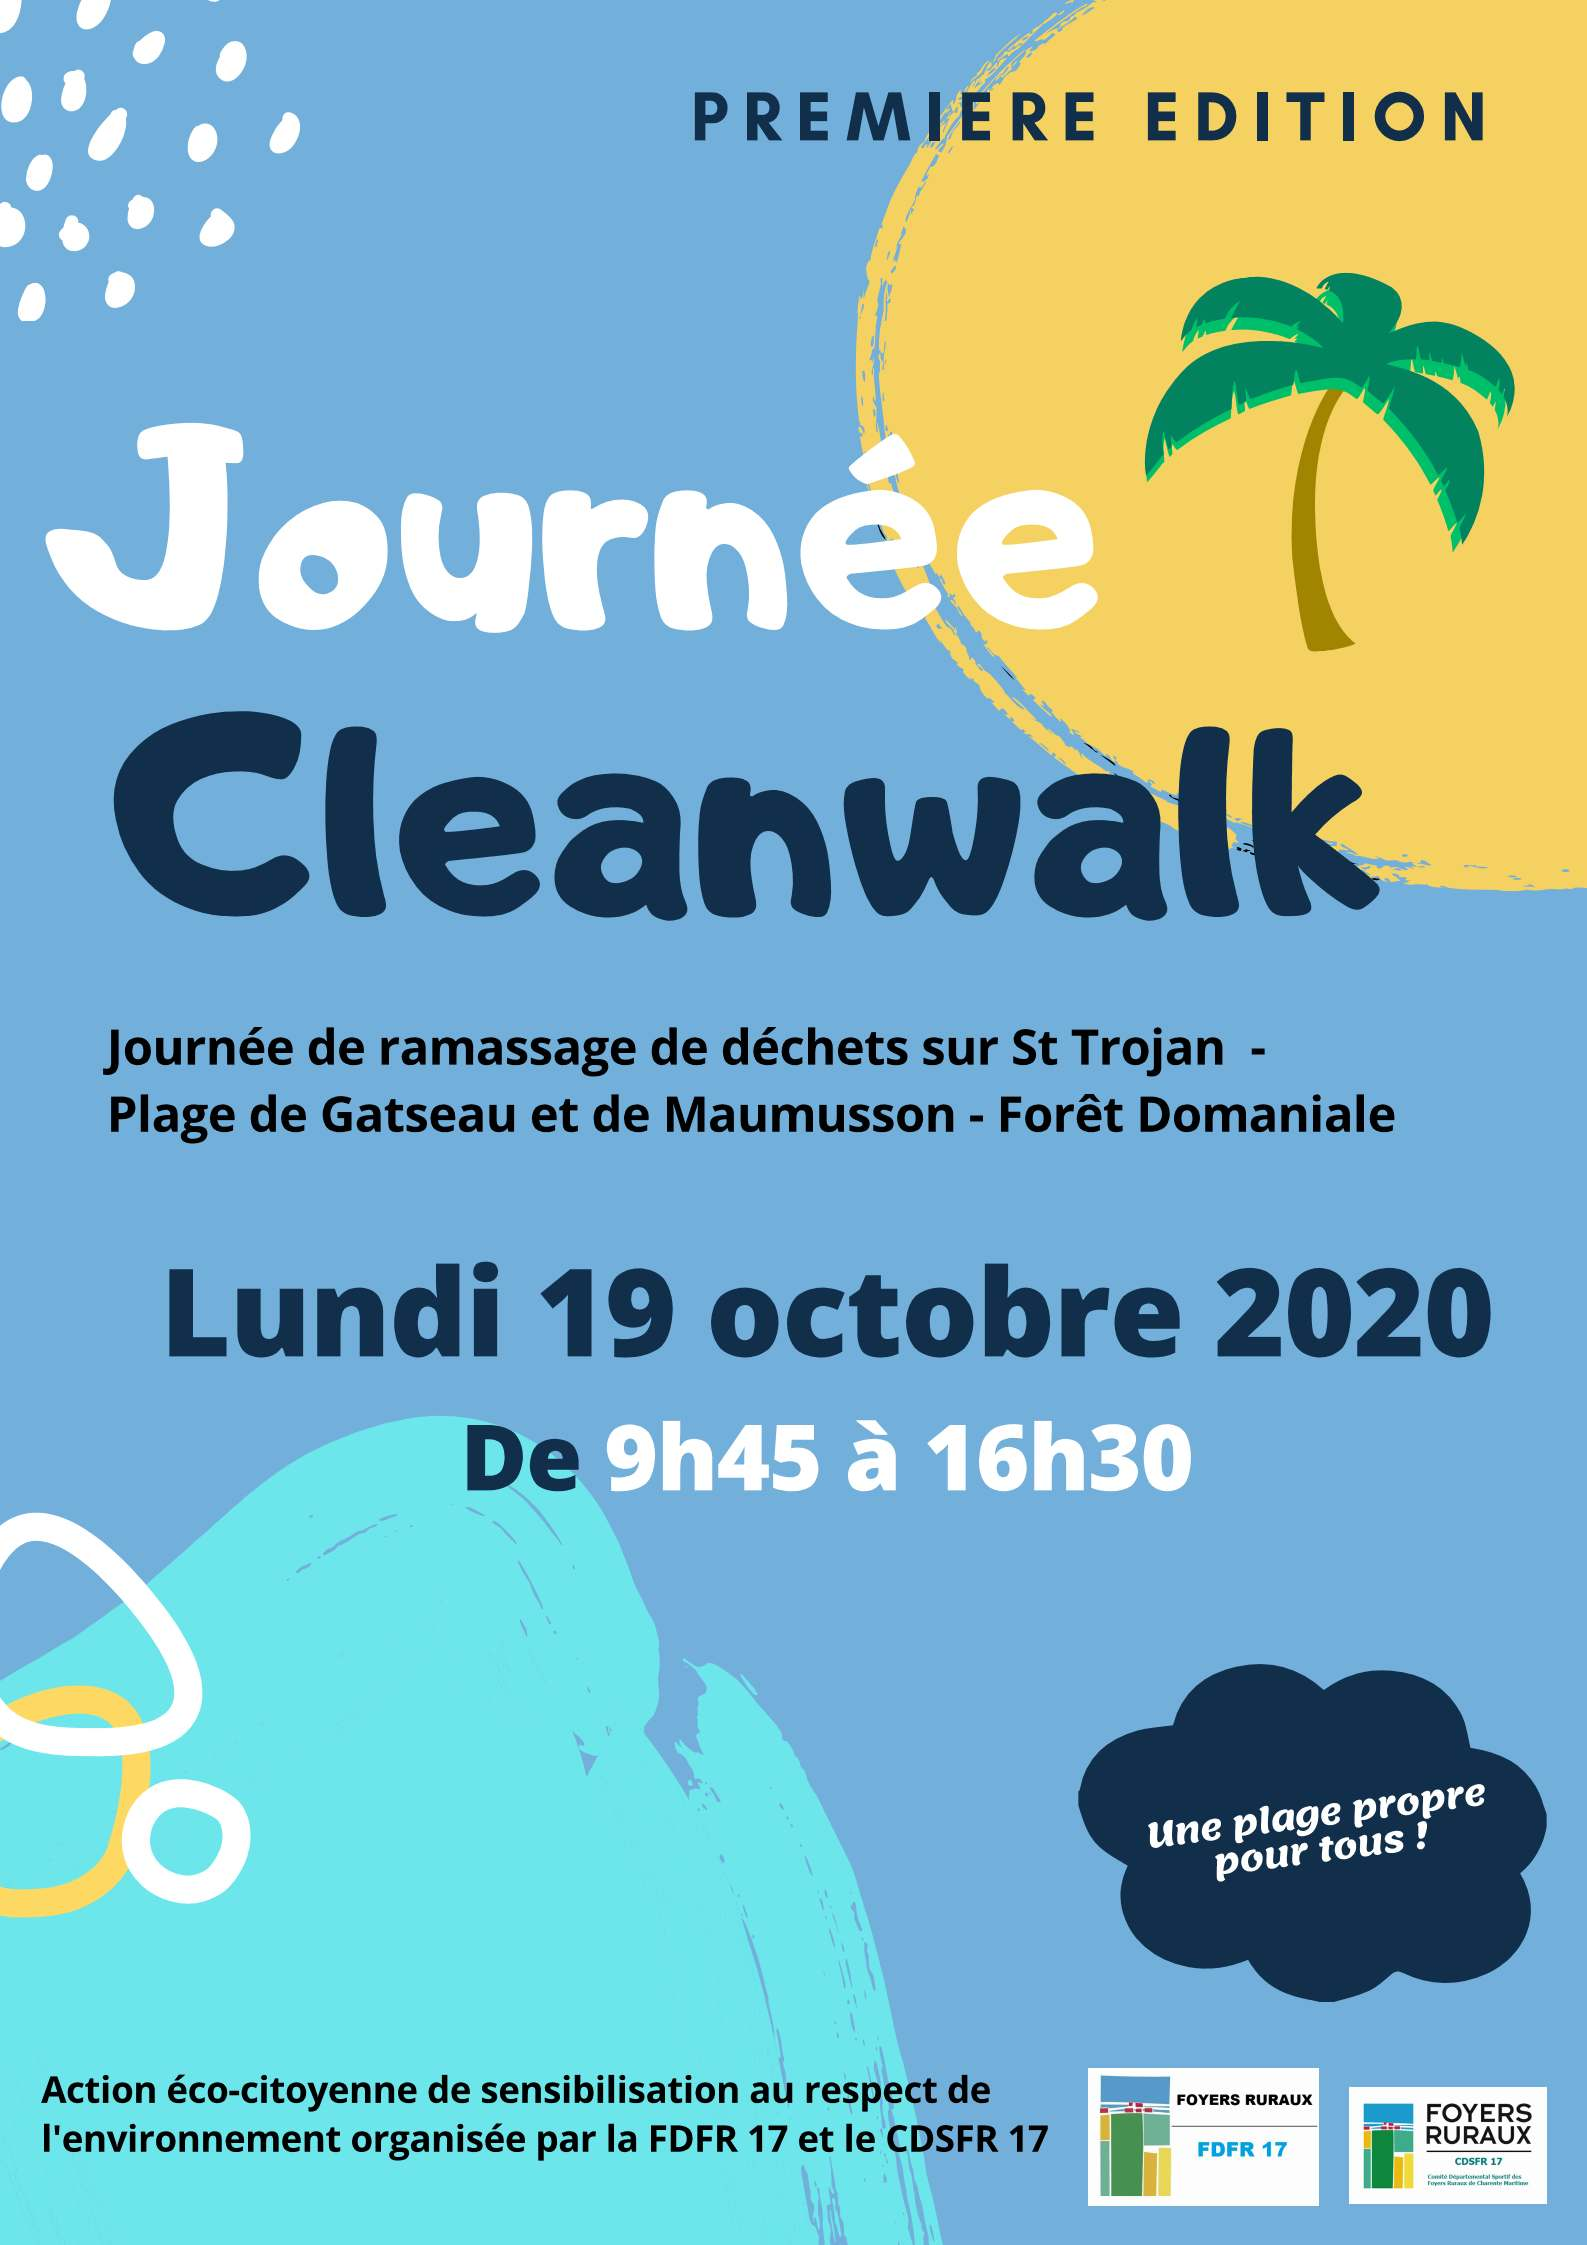 journée cleanwalk